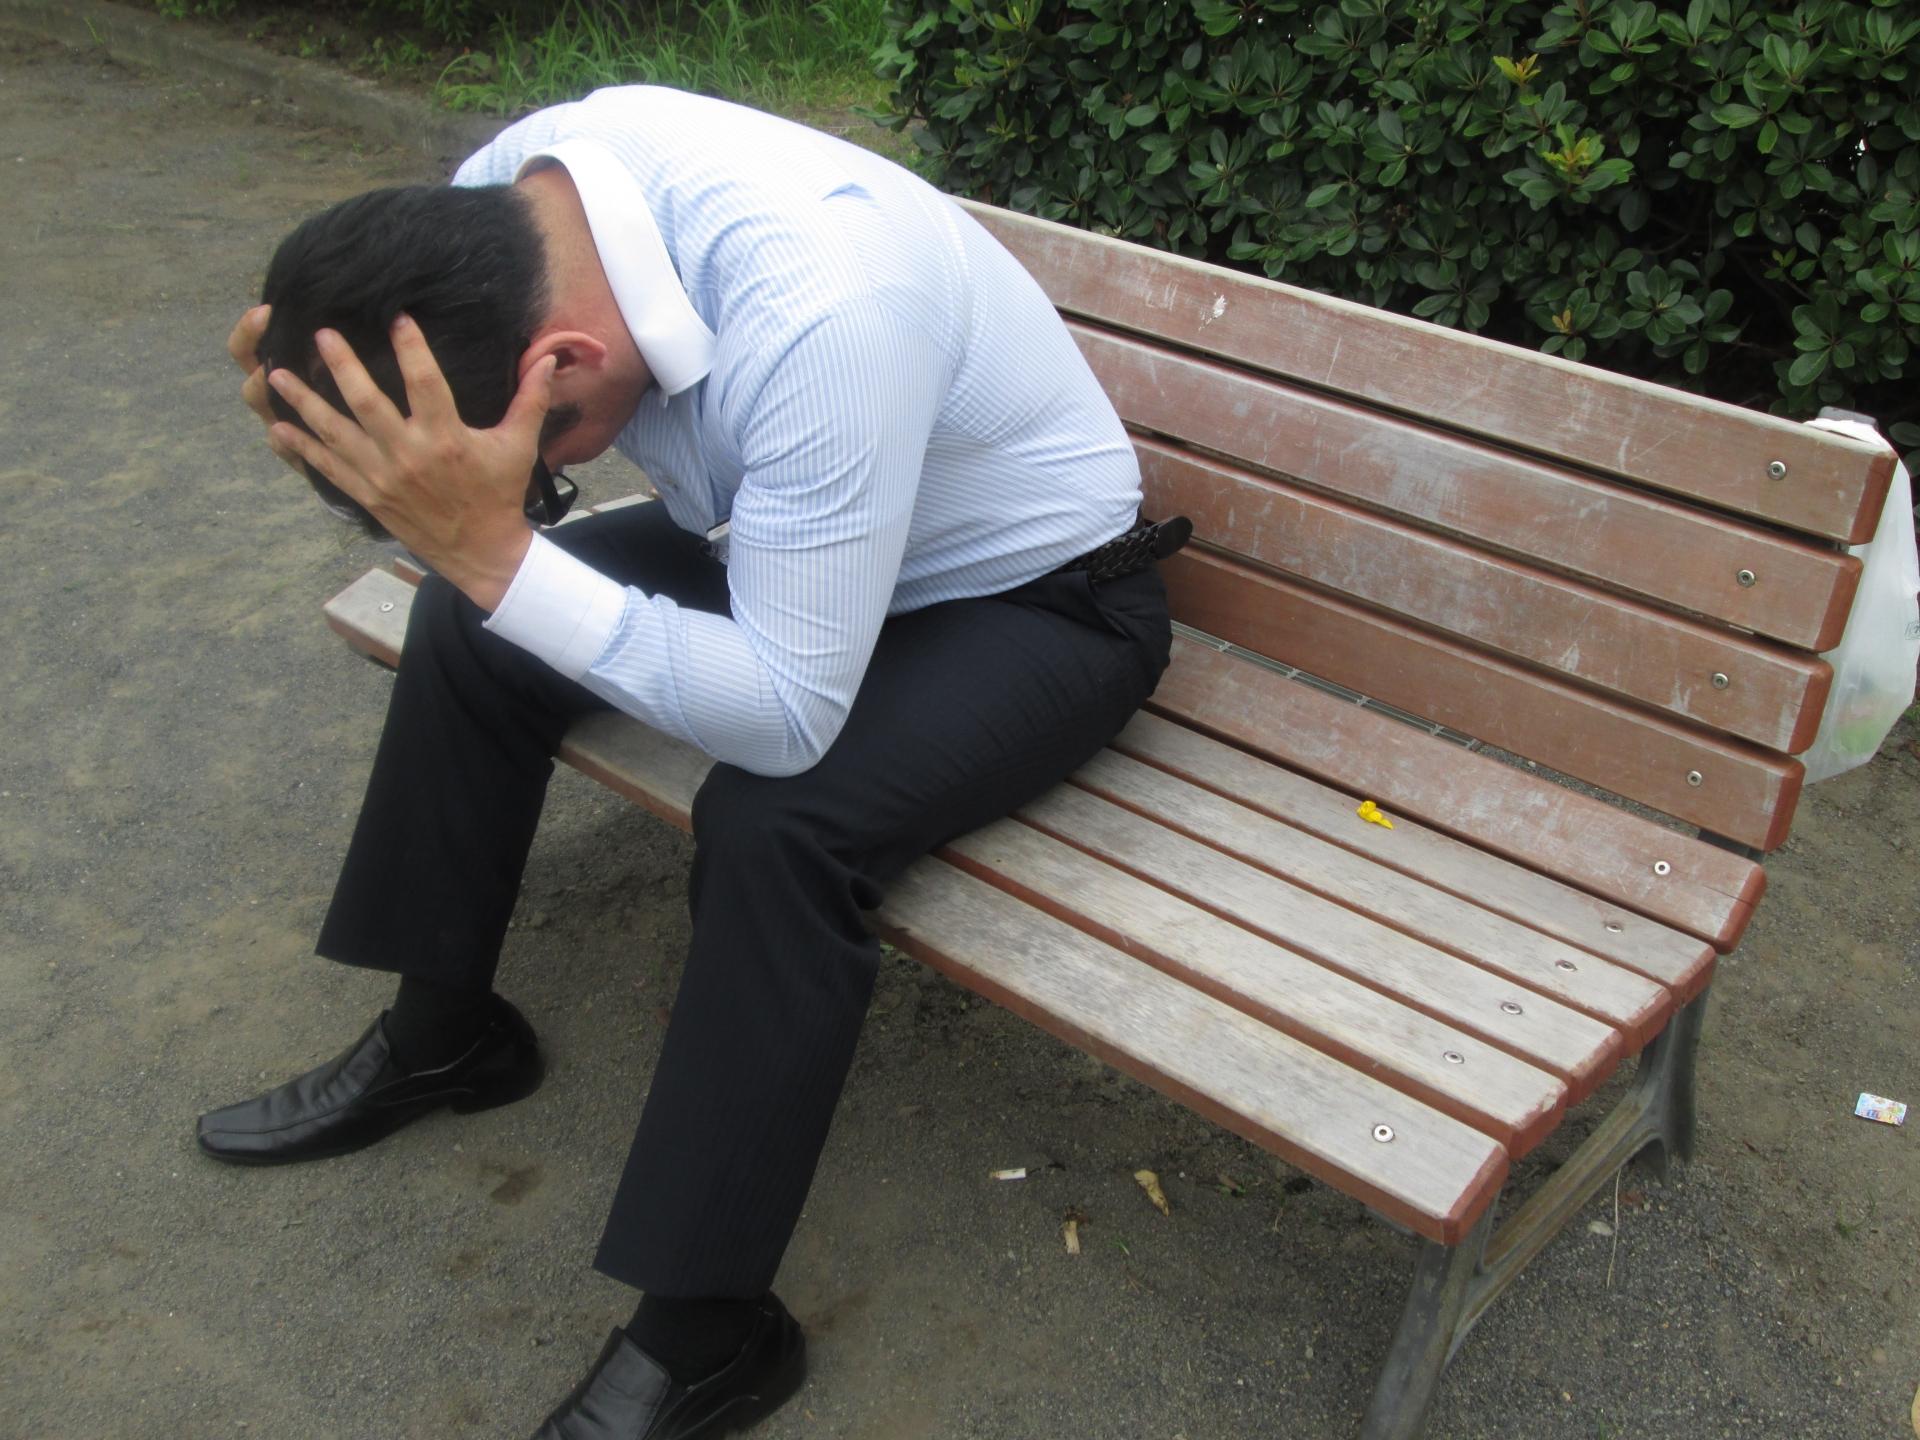 52c83e9b40b042afc7f59b6cd6f4075b m 男性にも更年期障害は起きる!男性ホルモン低下の症状とは?